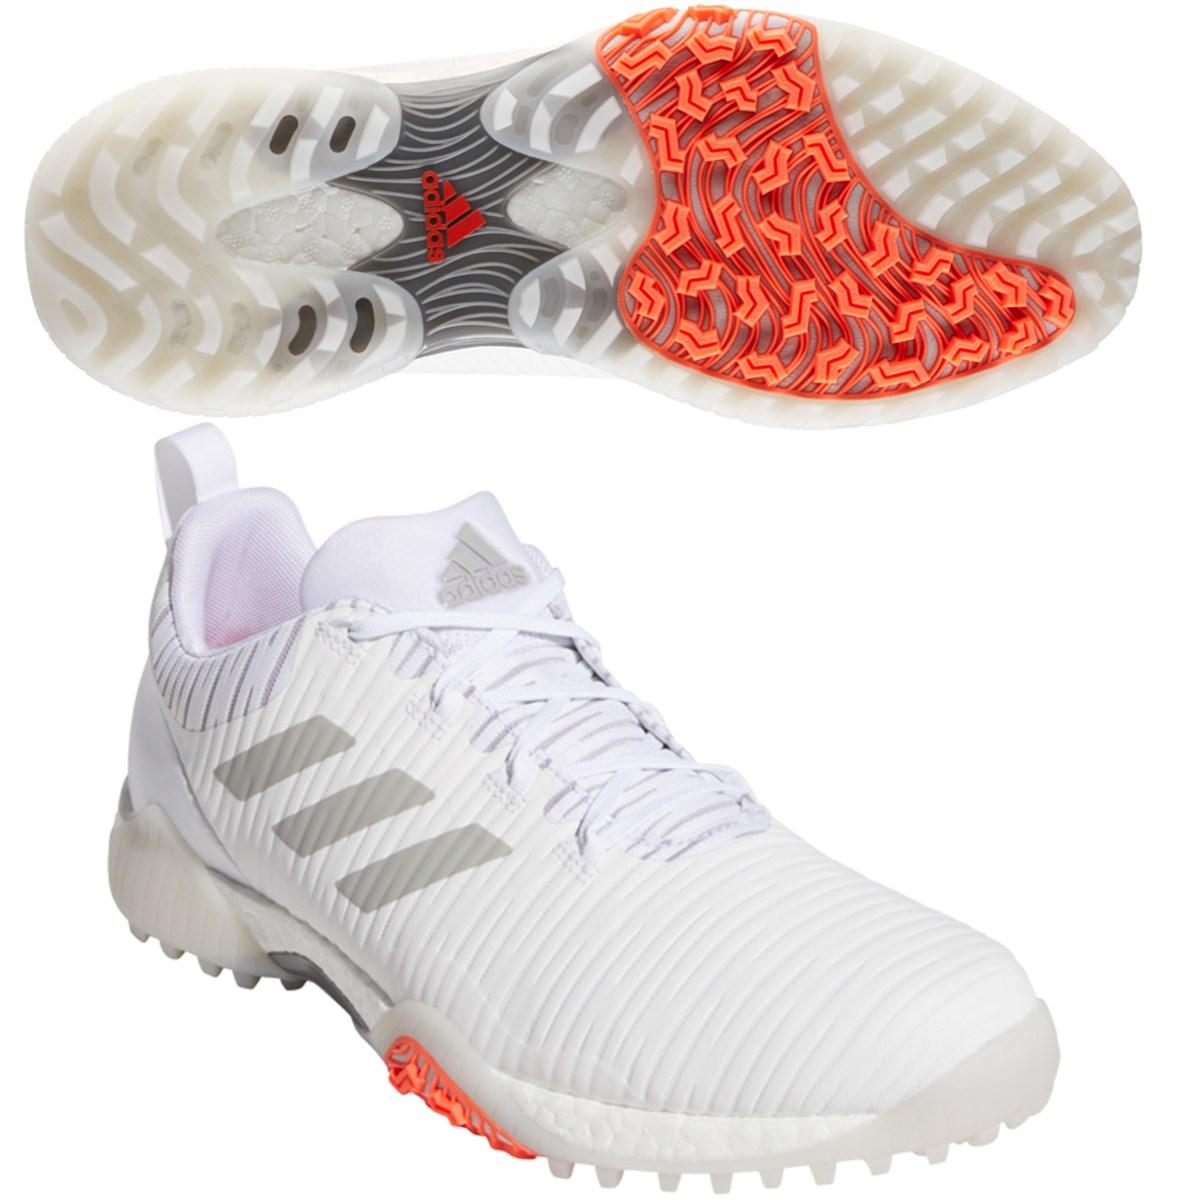 アディダス Adidas コードカオス シューズ 25.5cm ホワイト/メタルグレー/ライトソリッドグレー